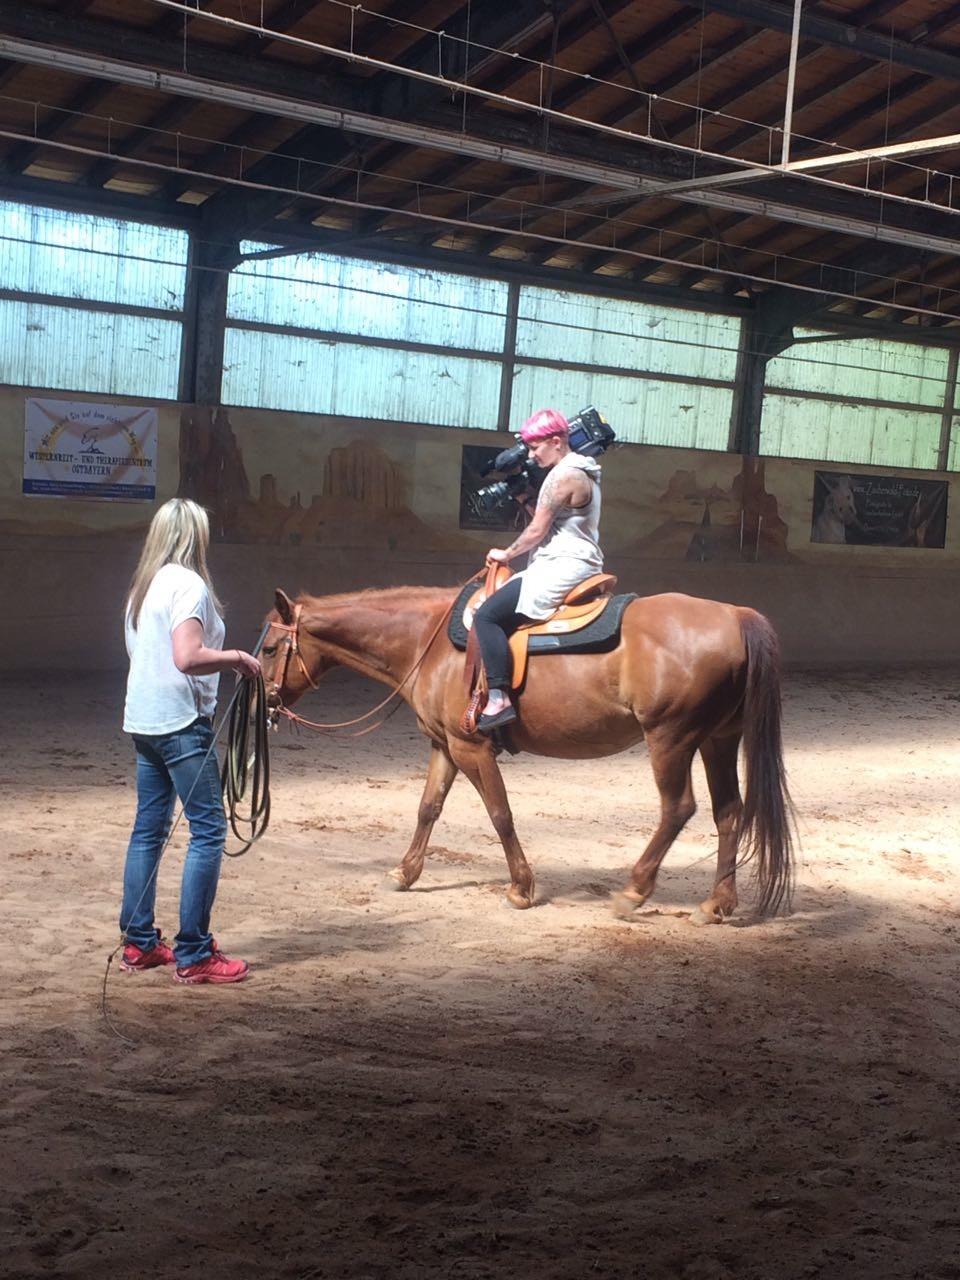 Einsatz für OTV: Kamerafrau auf dem Pferderücken